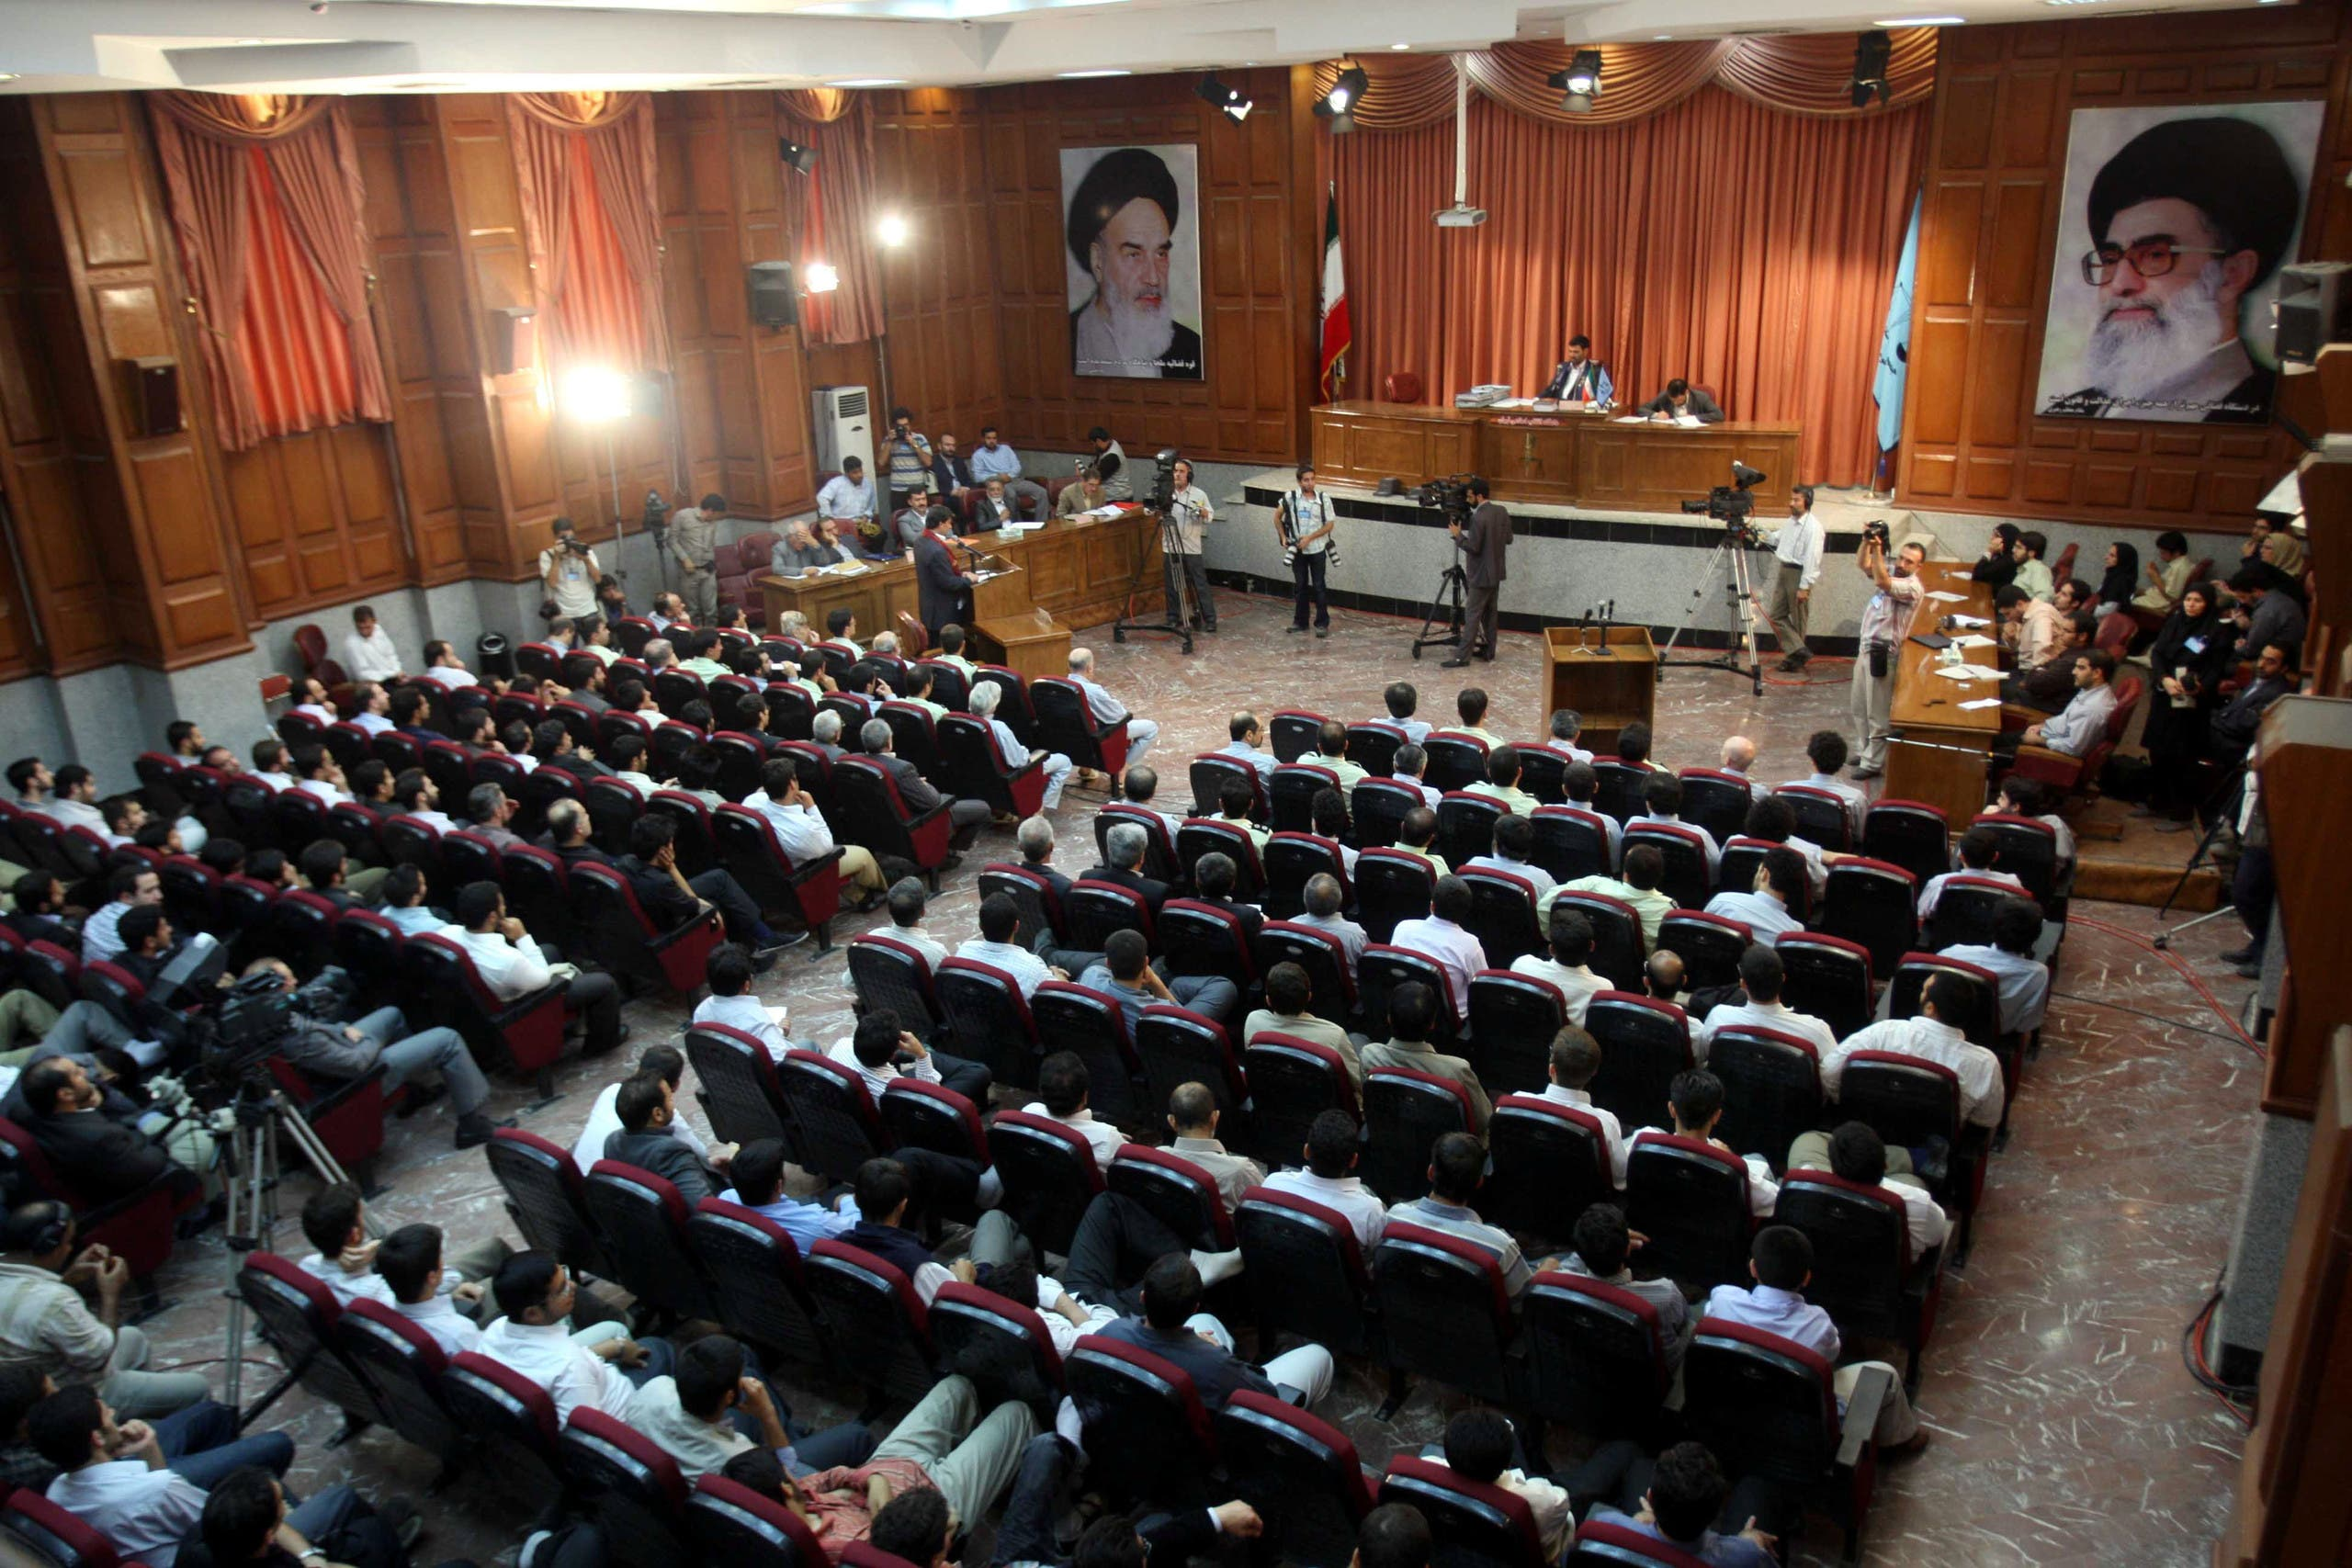 إحدى قاعات المحكمة الثورية في طهرن (أرشيفية)